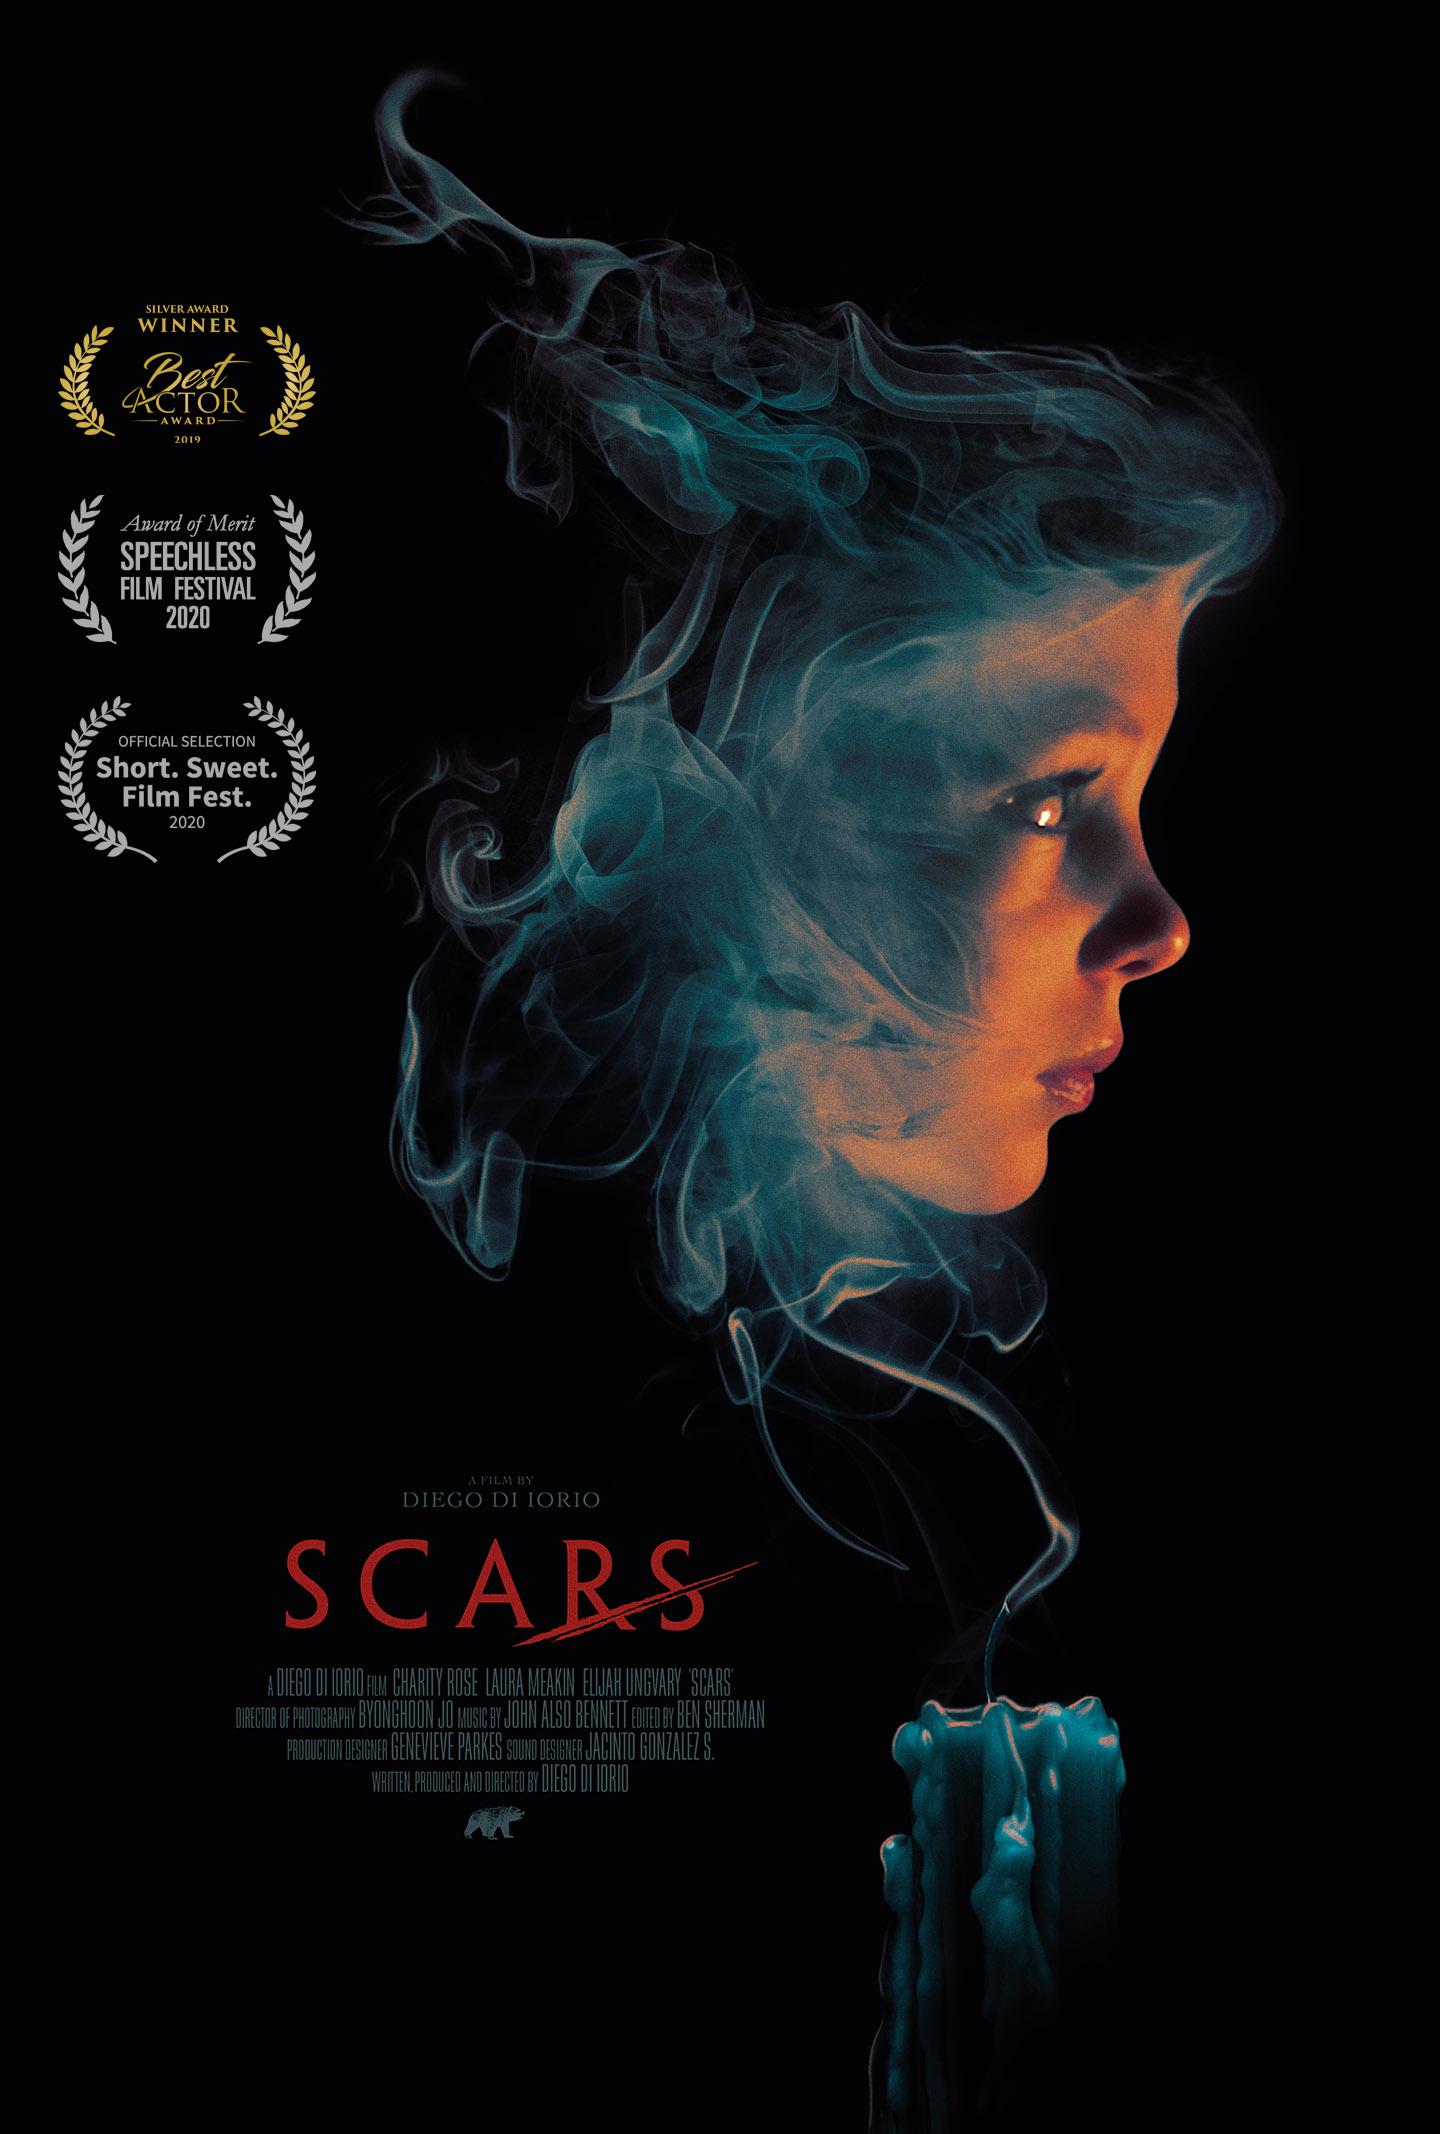 Diego Di Iorio | Scars